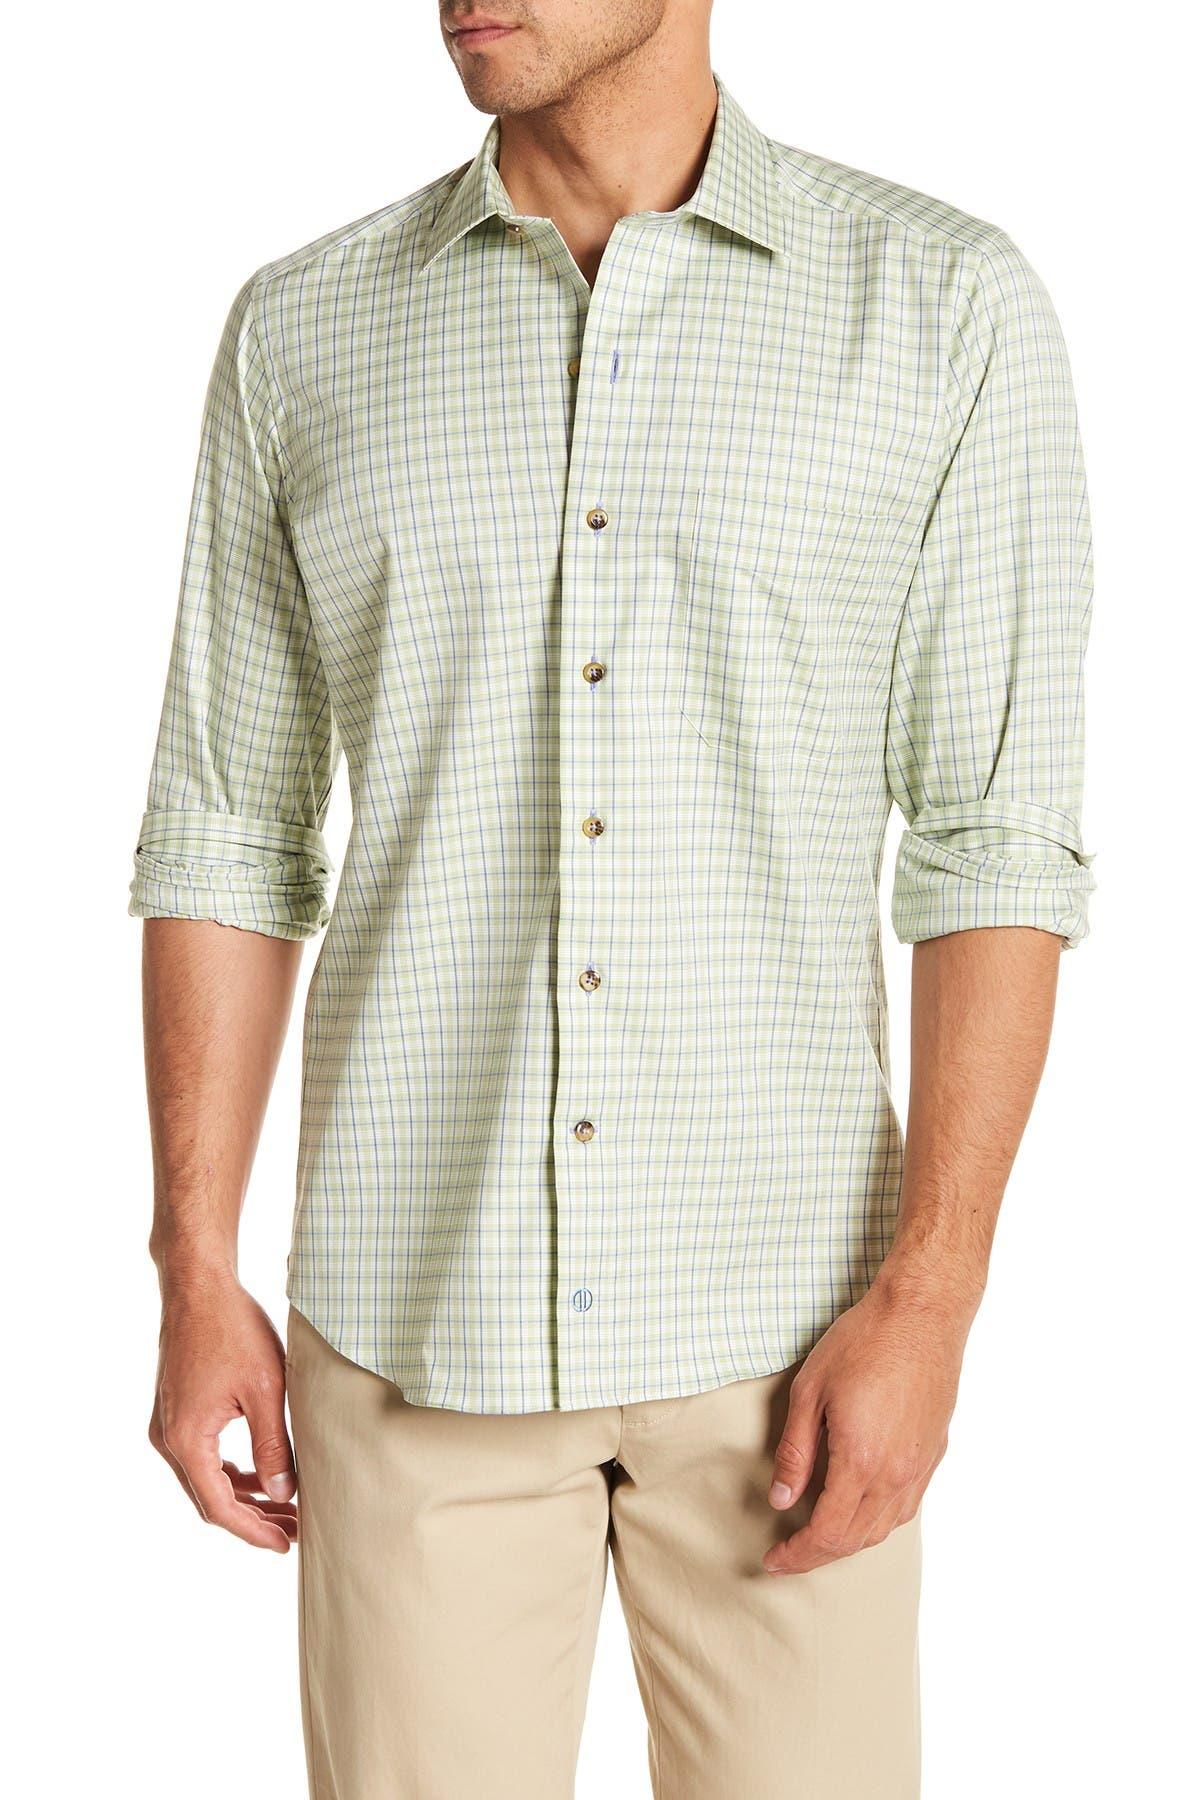 Image of David Donahue Check Casual Fit Shirt